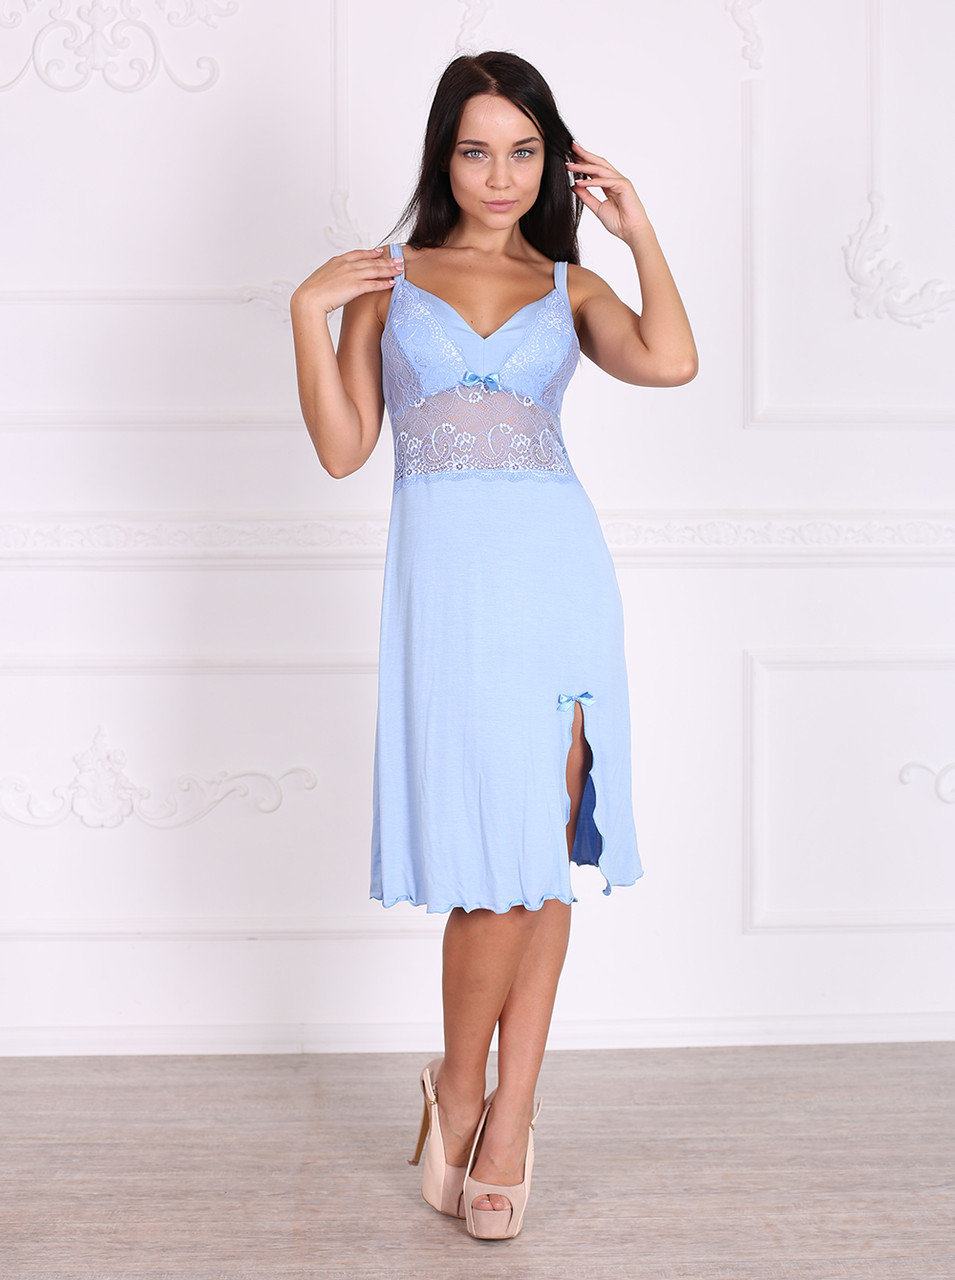 b1648c3b158a Роскошная женская ночная сорочка из вискозного полотна